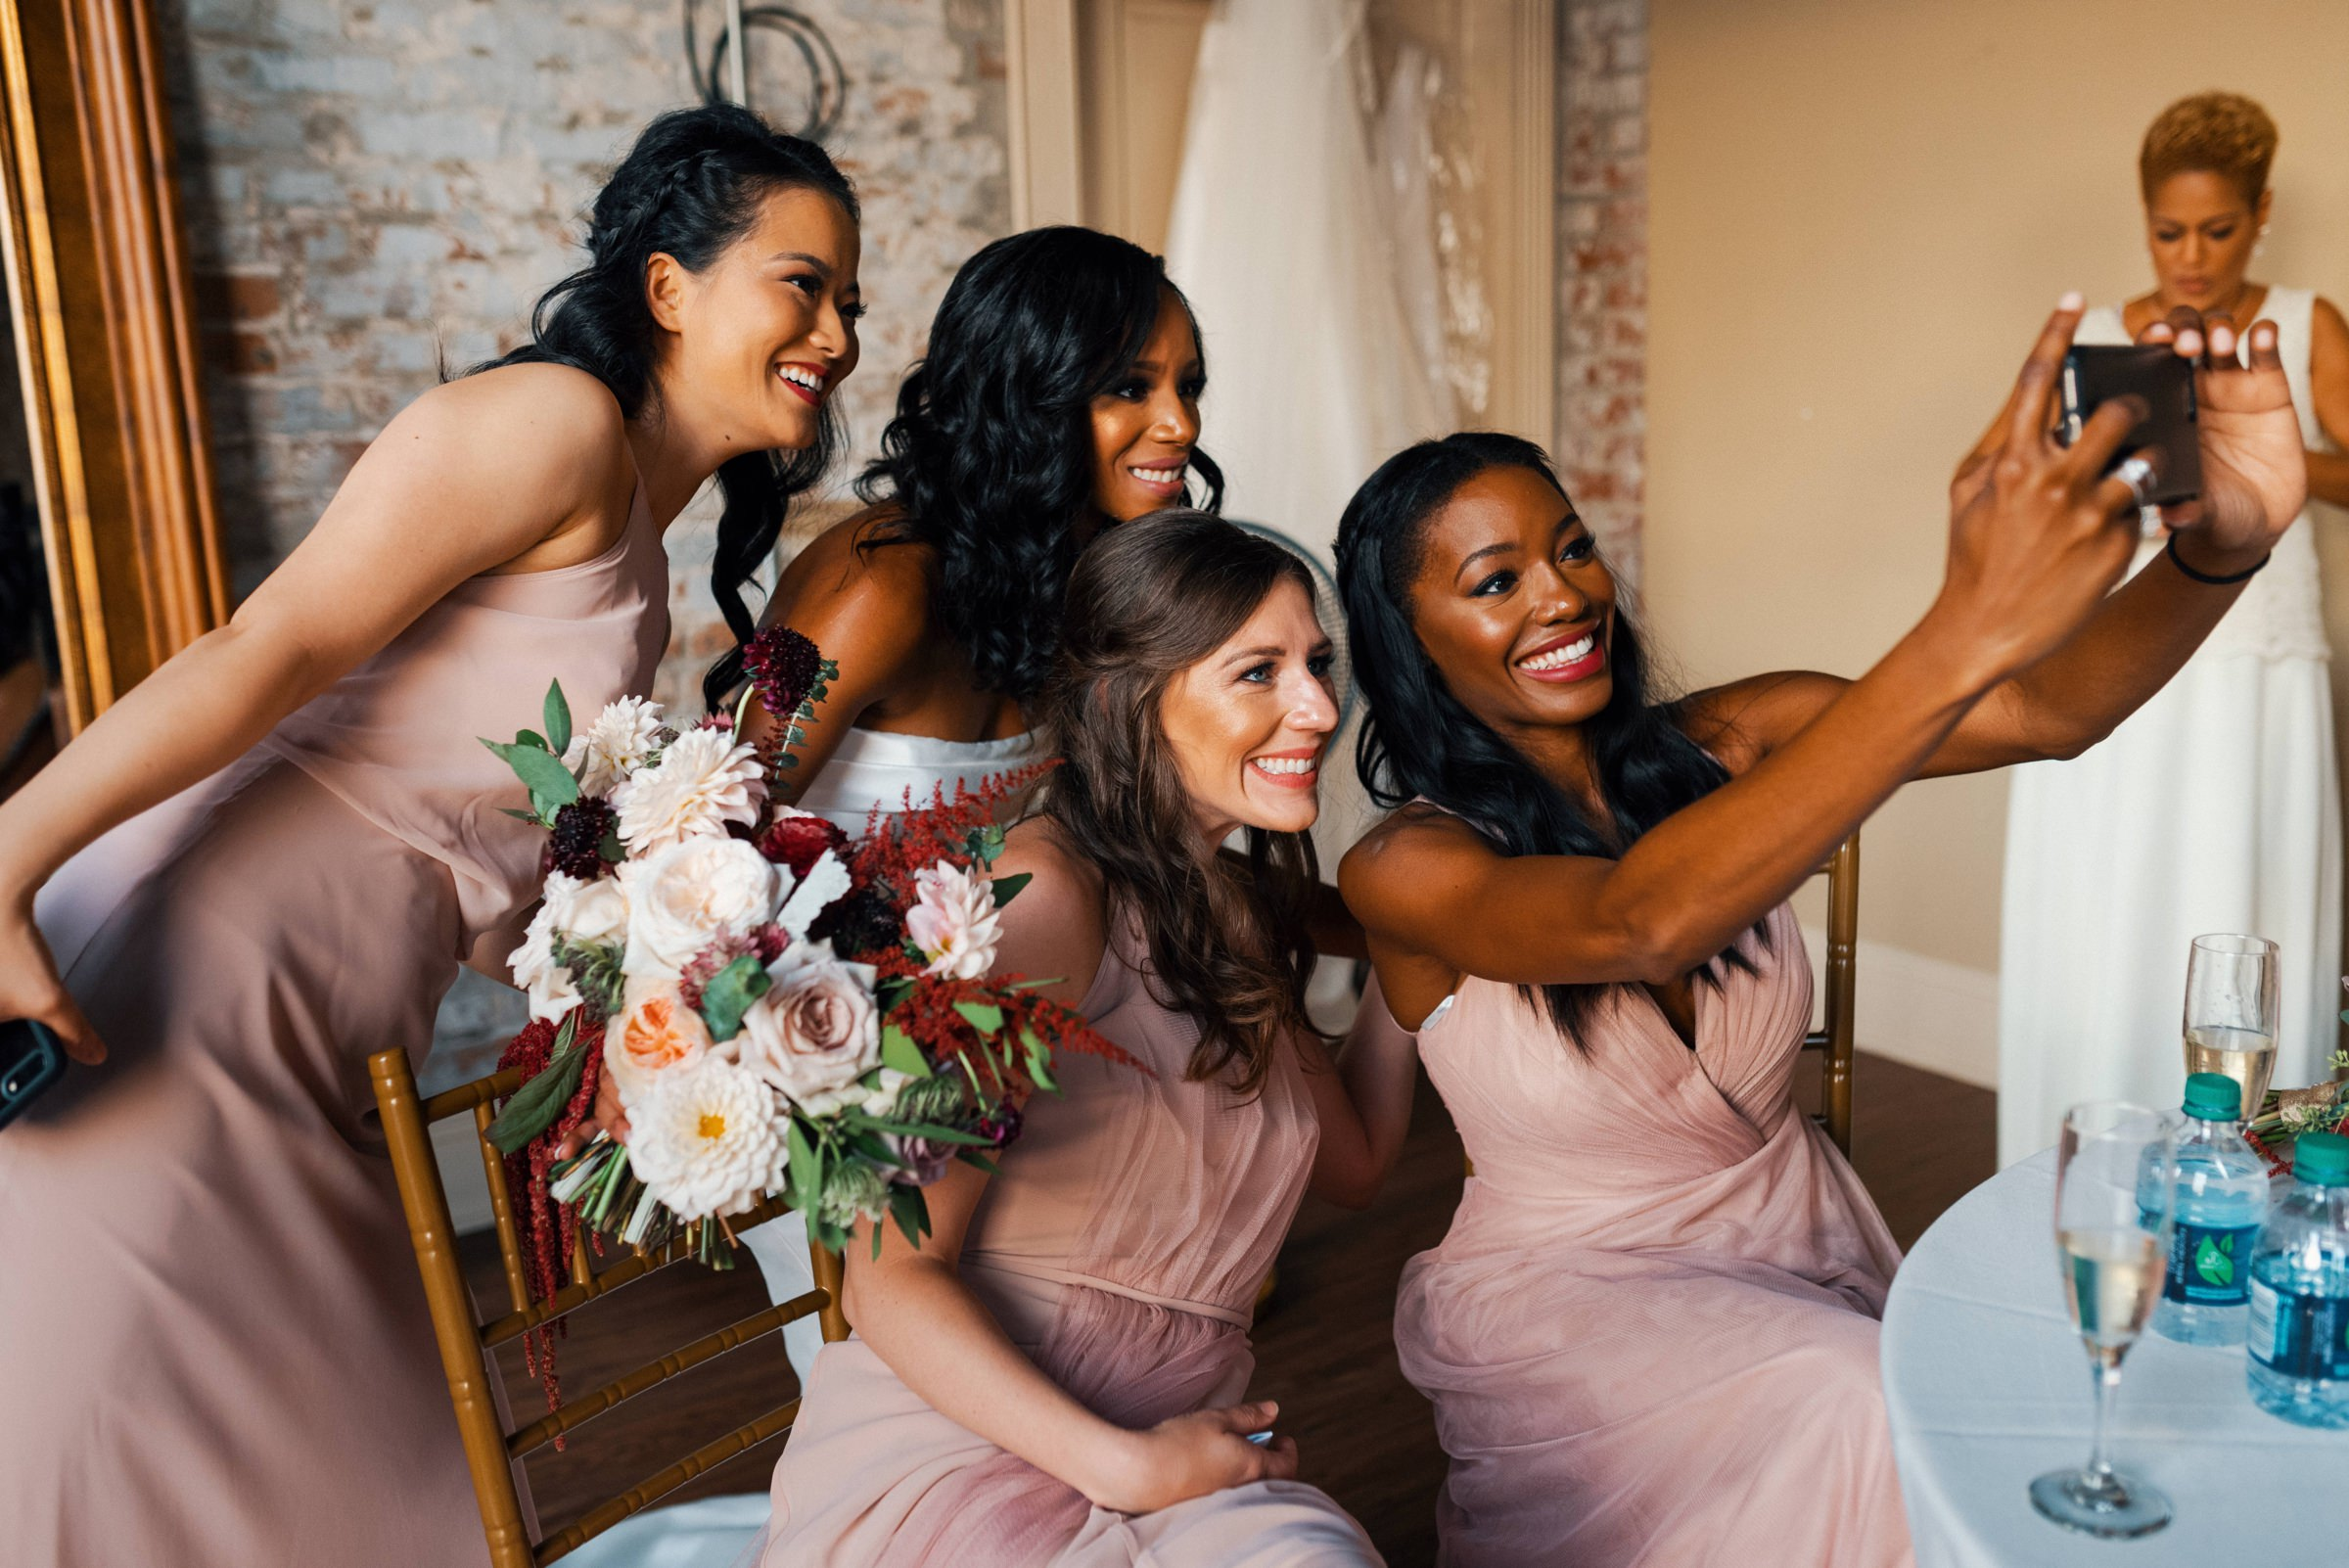 bridesmaids-taking-selfie-new-orleans-austin-houston-wedding-photo-by-dark-roux